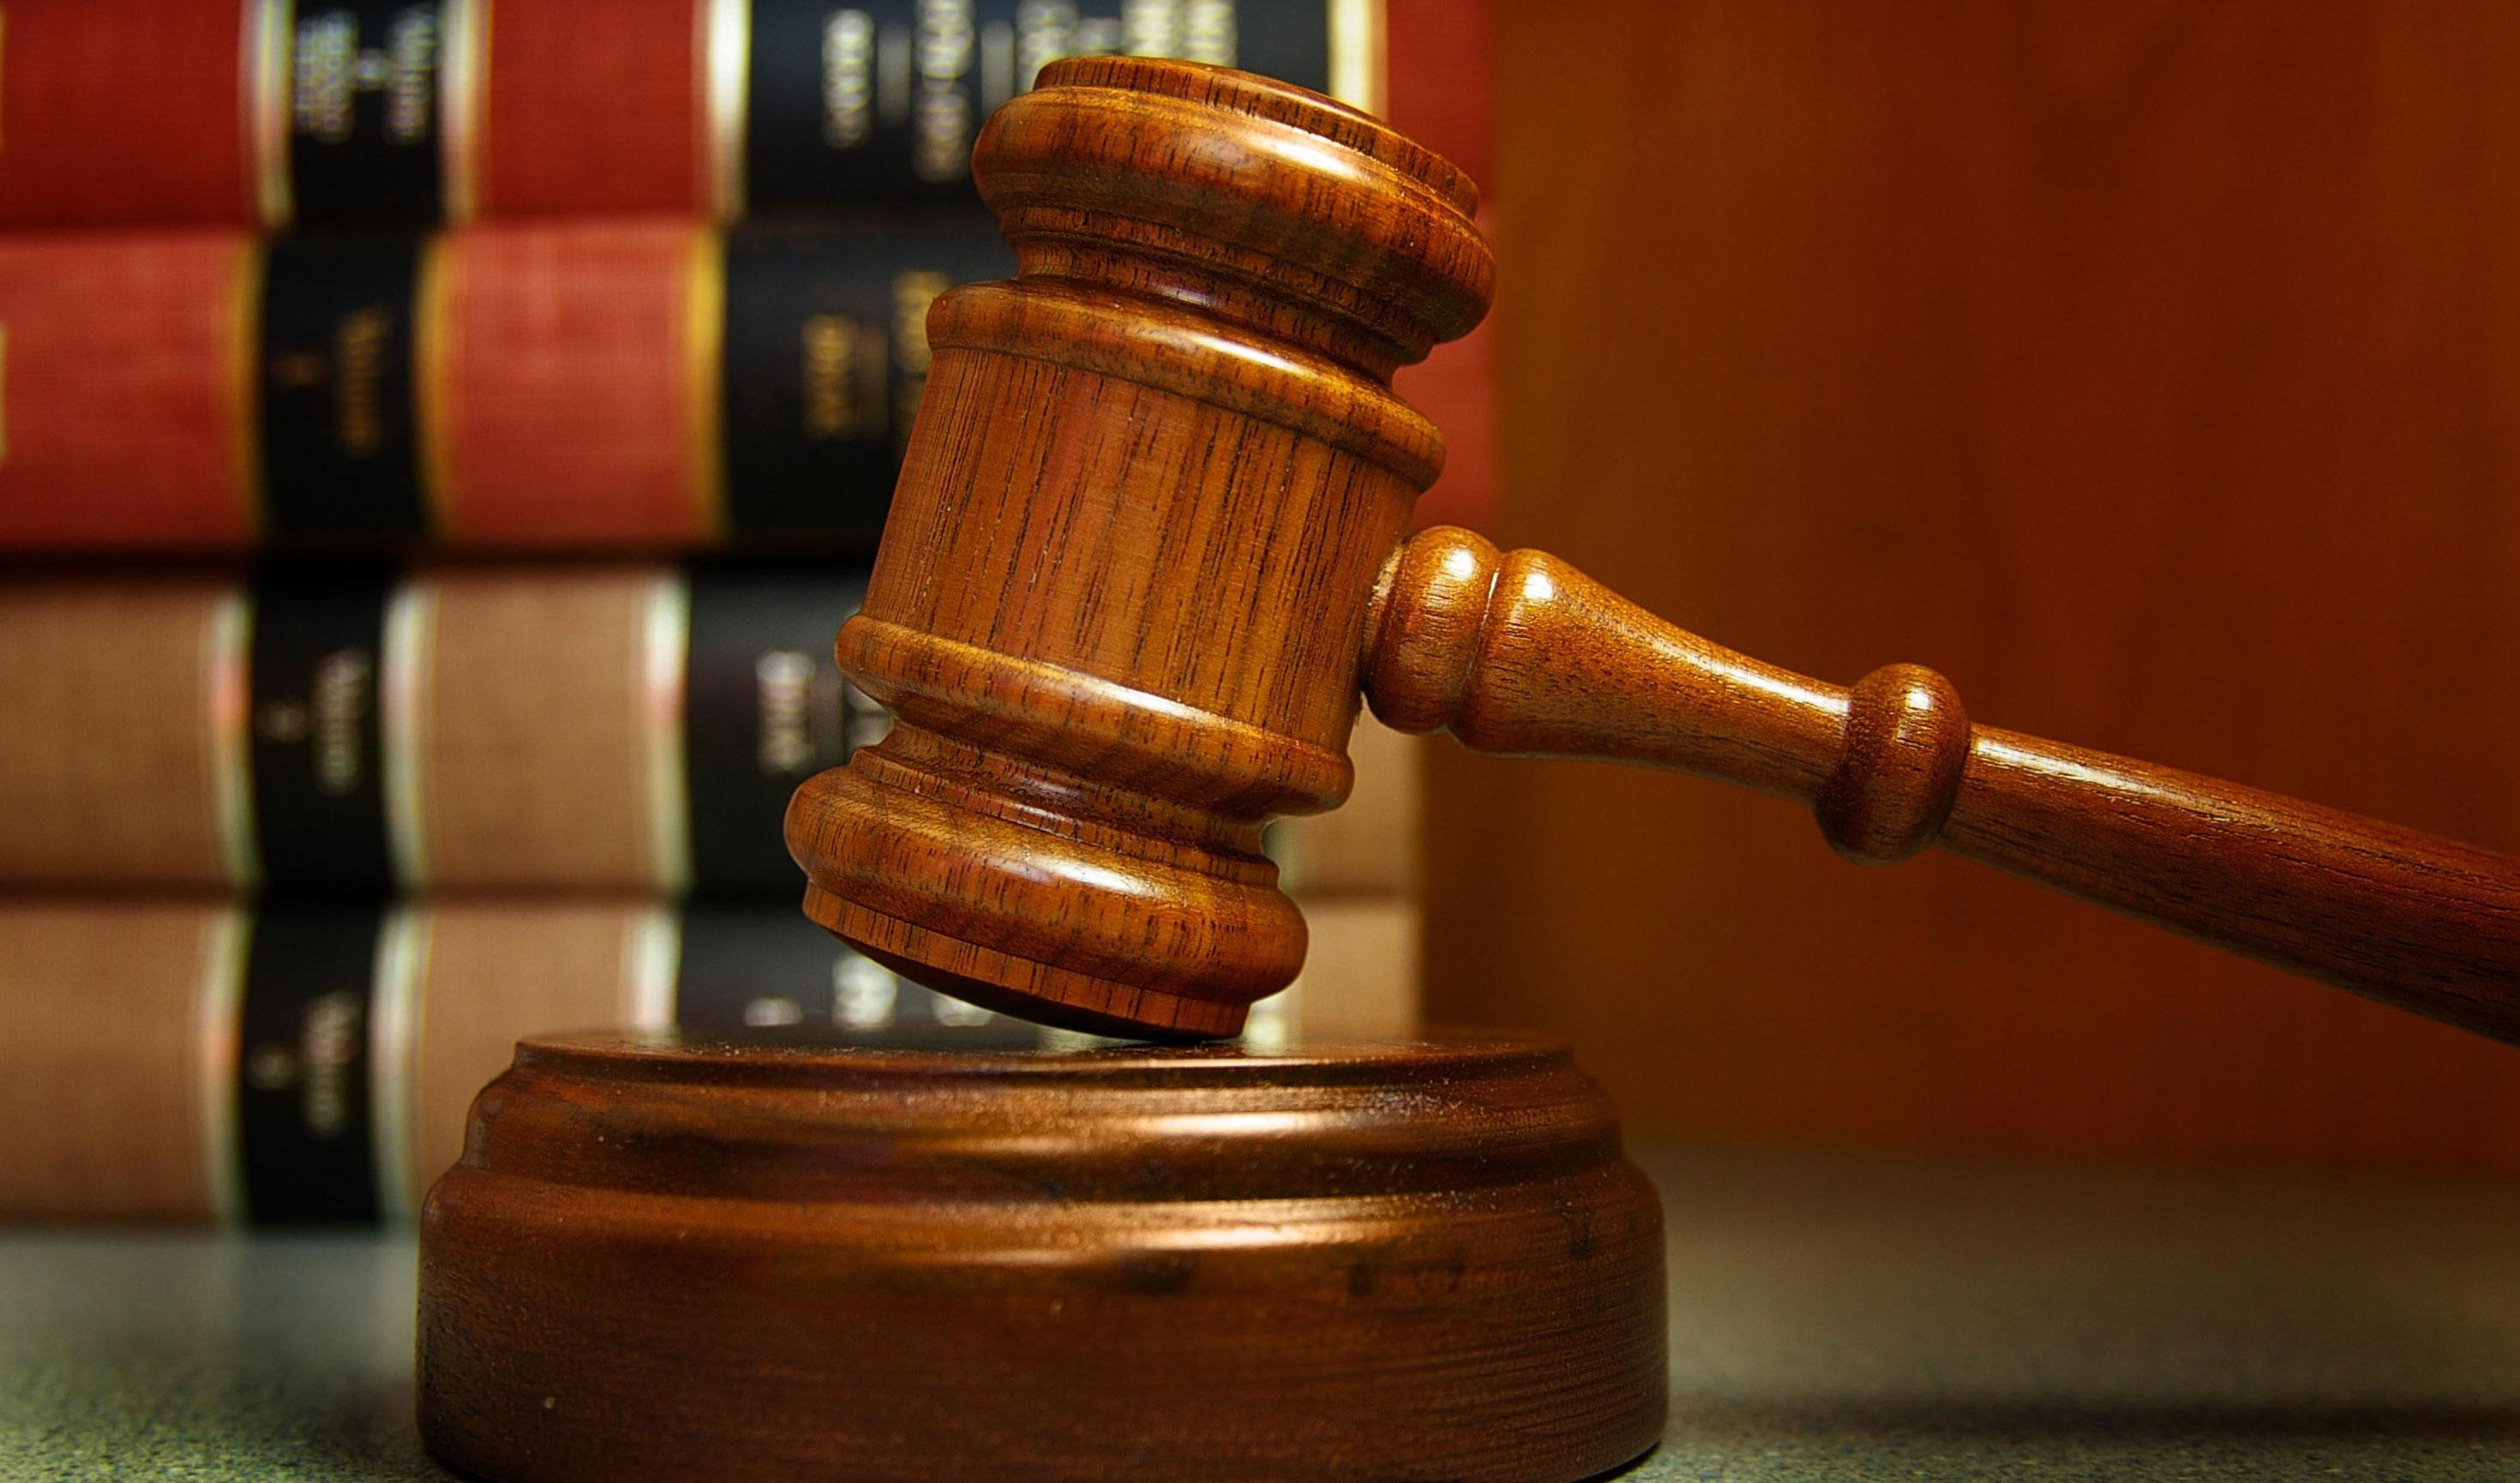 جلسه دادگاه لاهه برای صدور حکم درباره شکایت ایران از آمریکا آغاز شد